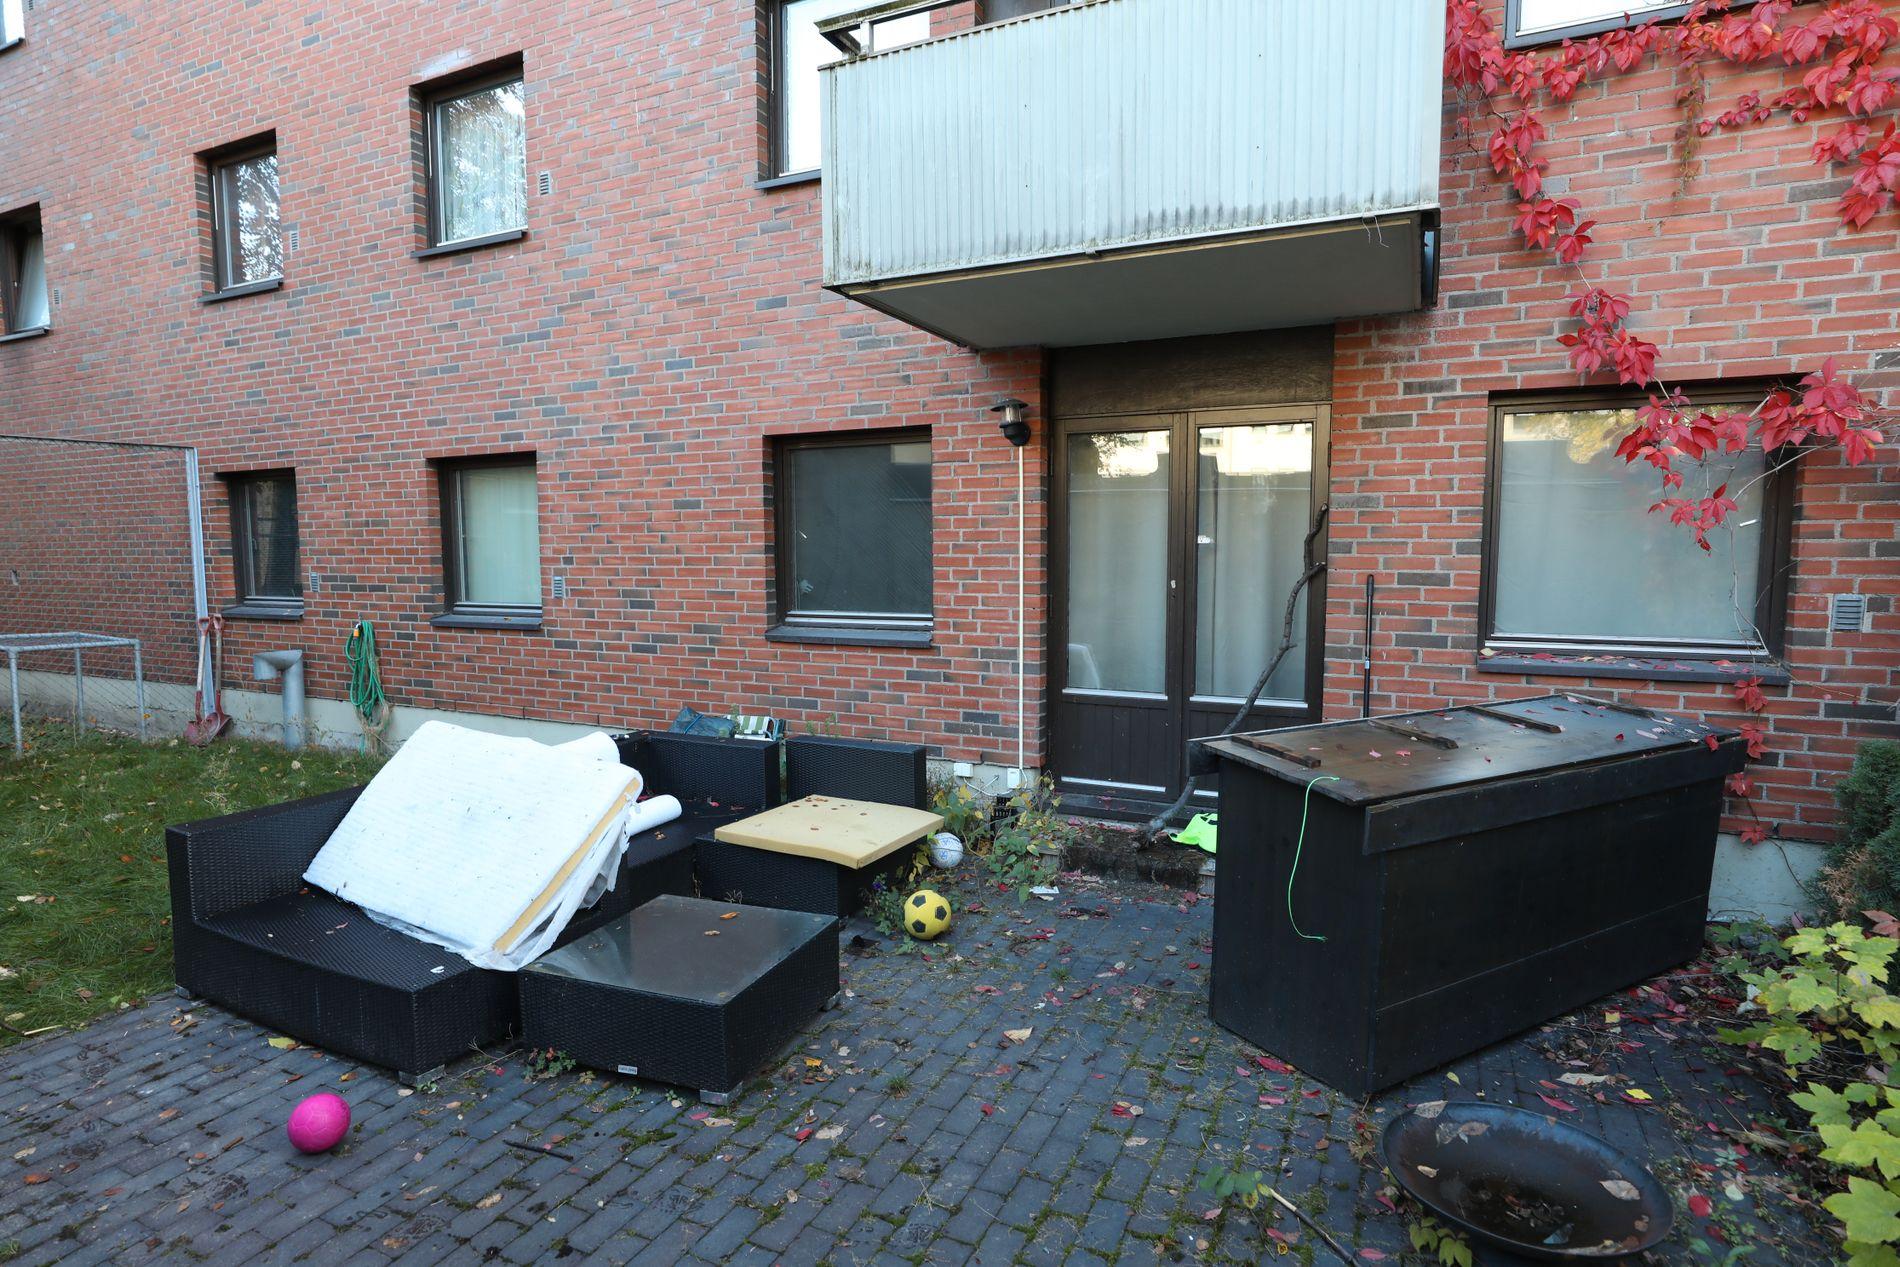 ÅSTEDET: I denne leiligheten ble Heikki Bjørklund Paltto (24) knivdrept.